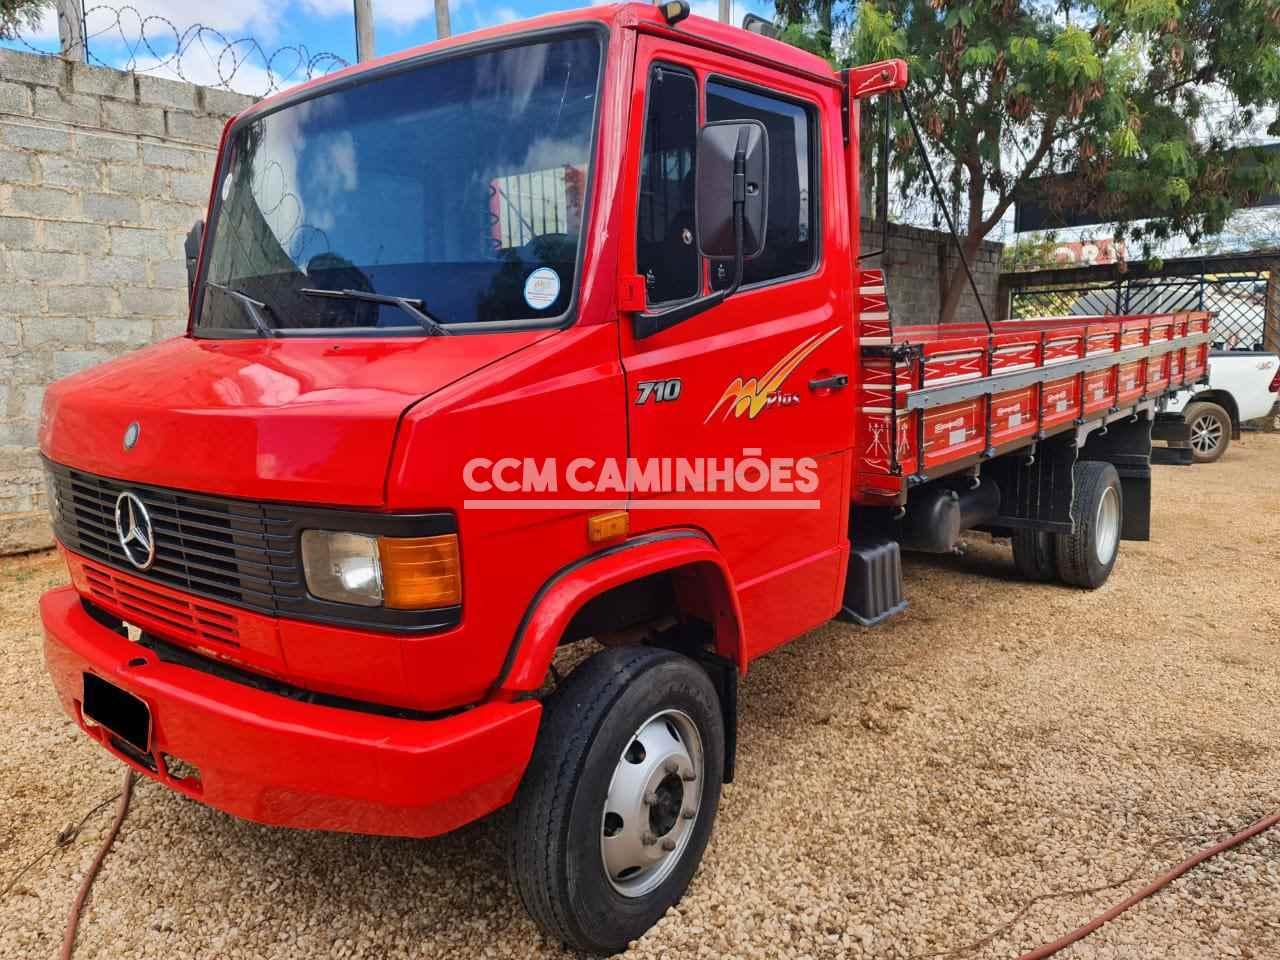 CAMINHAO MERCEDES-BENZ MB 710 Carga Seca 3/4 4x2 CCM Caminhões GOIANIA GOIAS GO